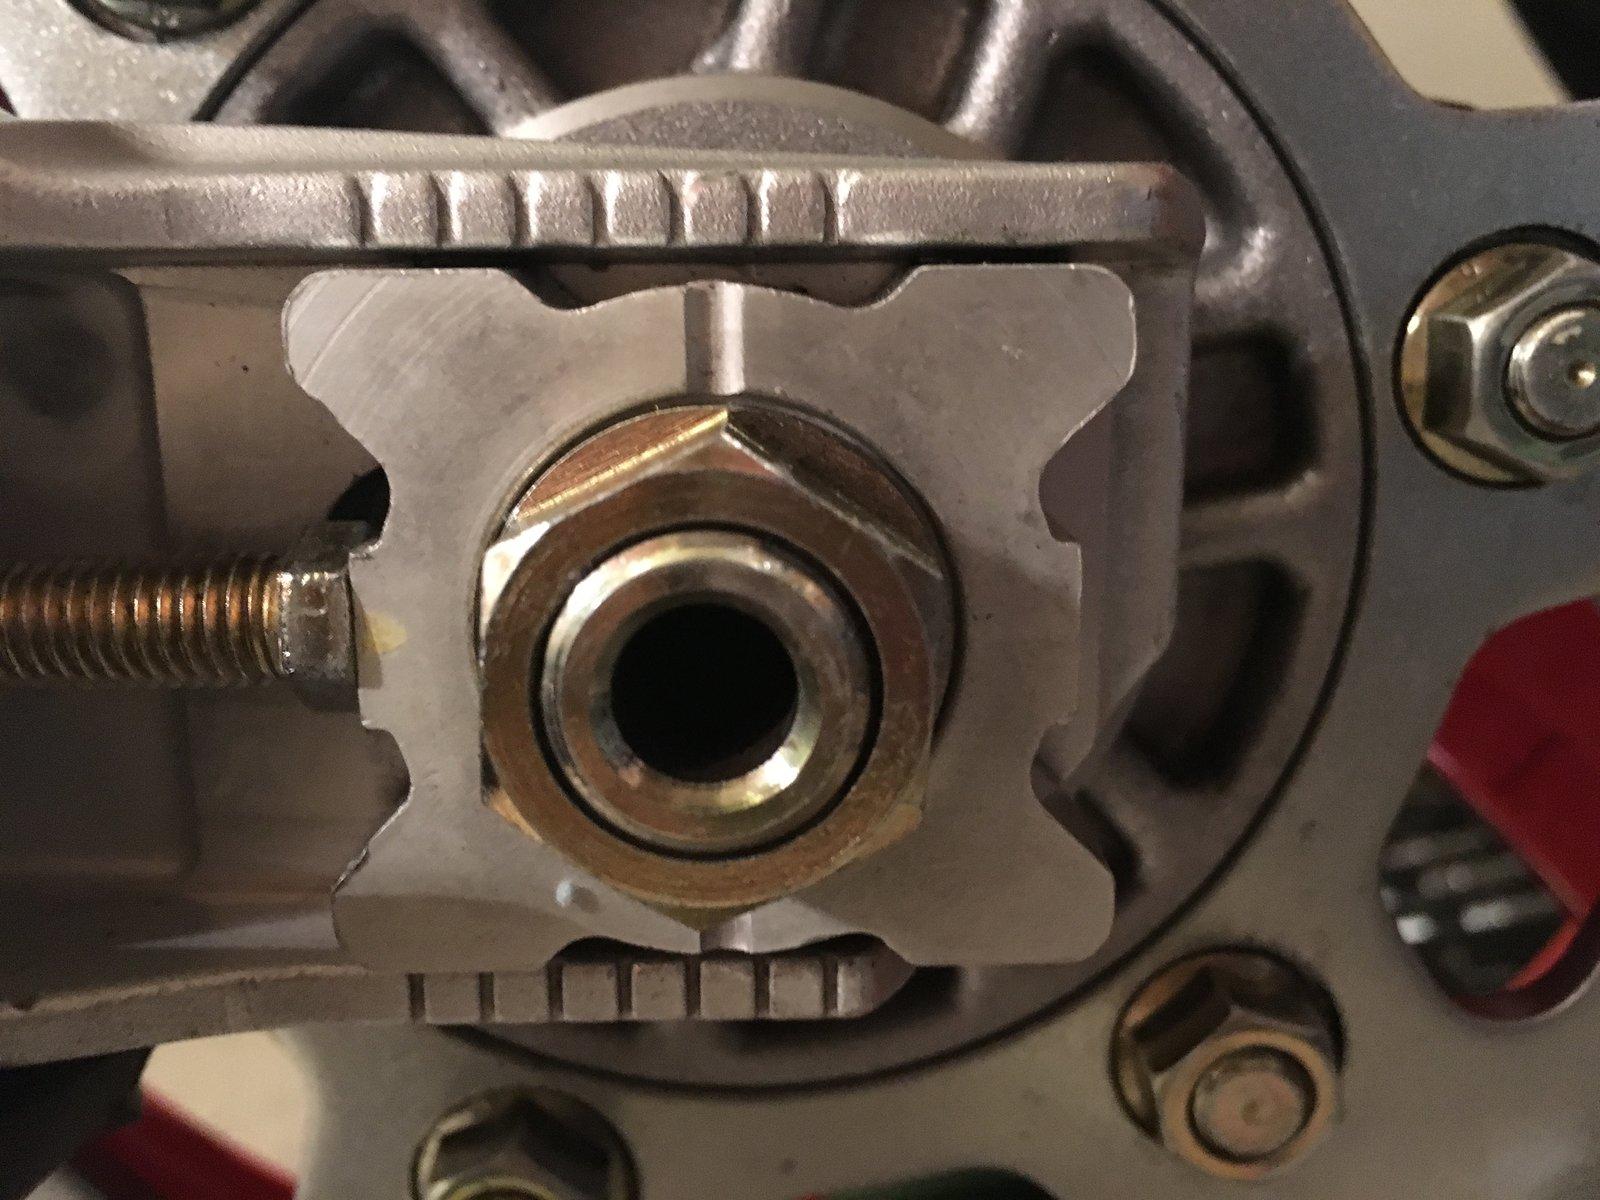 1DDAA65A-E514-4275-A621-4AA6B234BDB1.jpeg